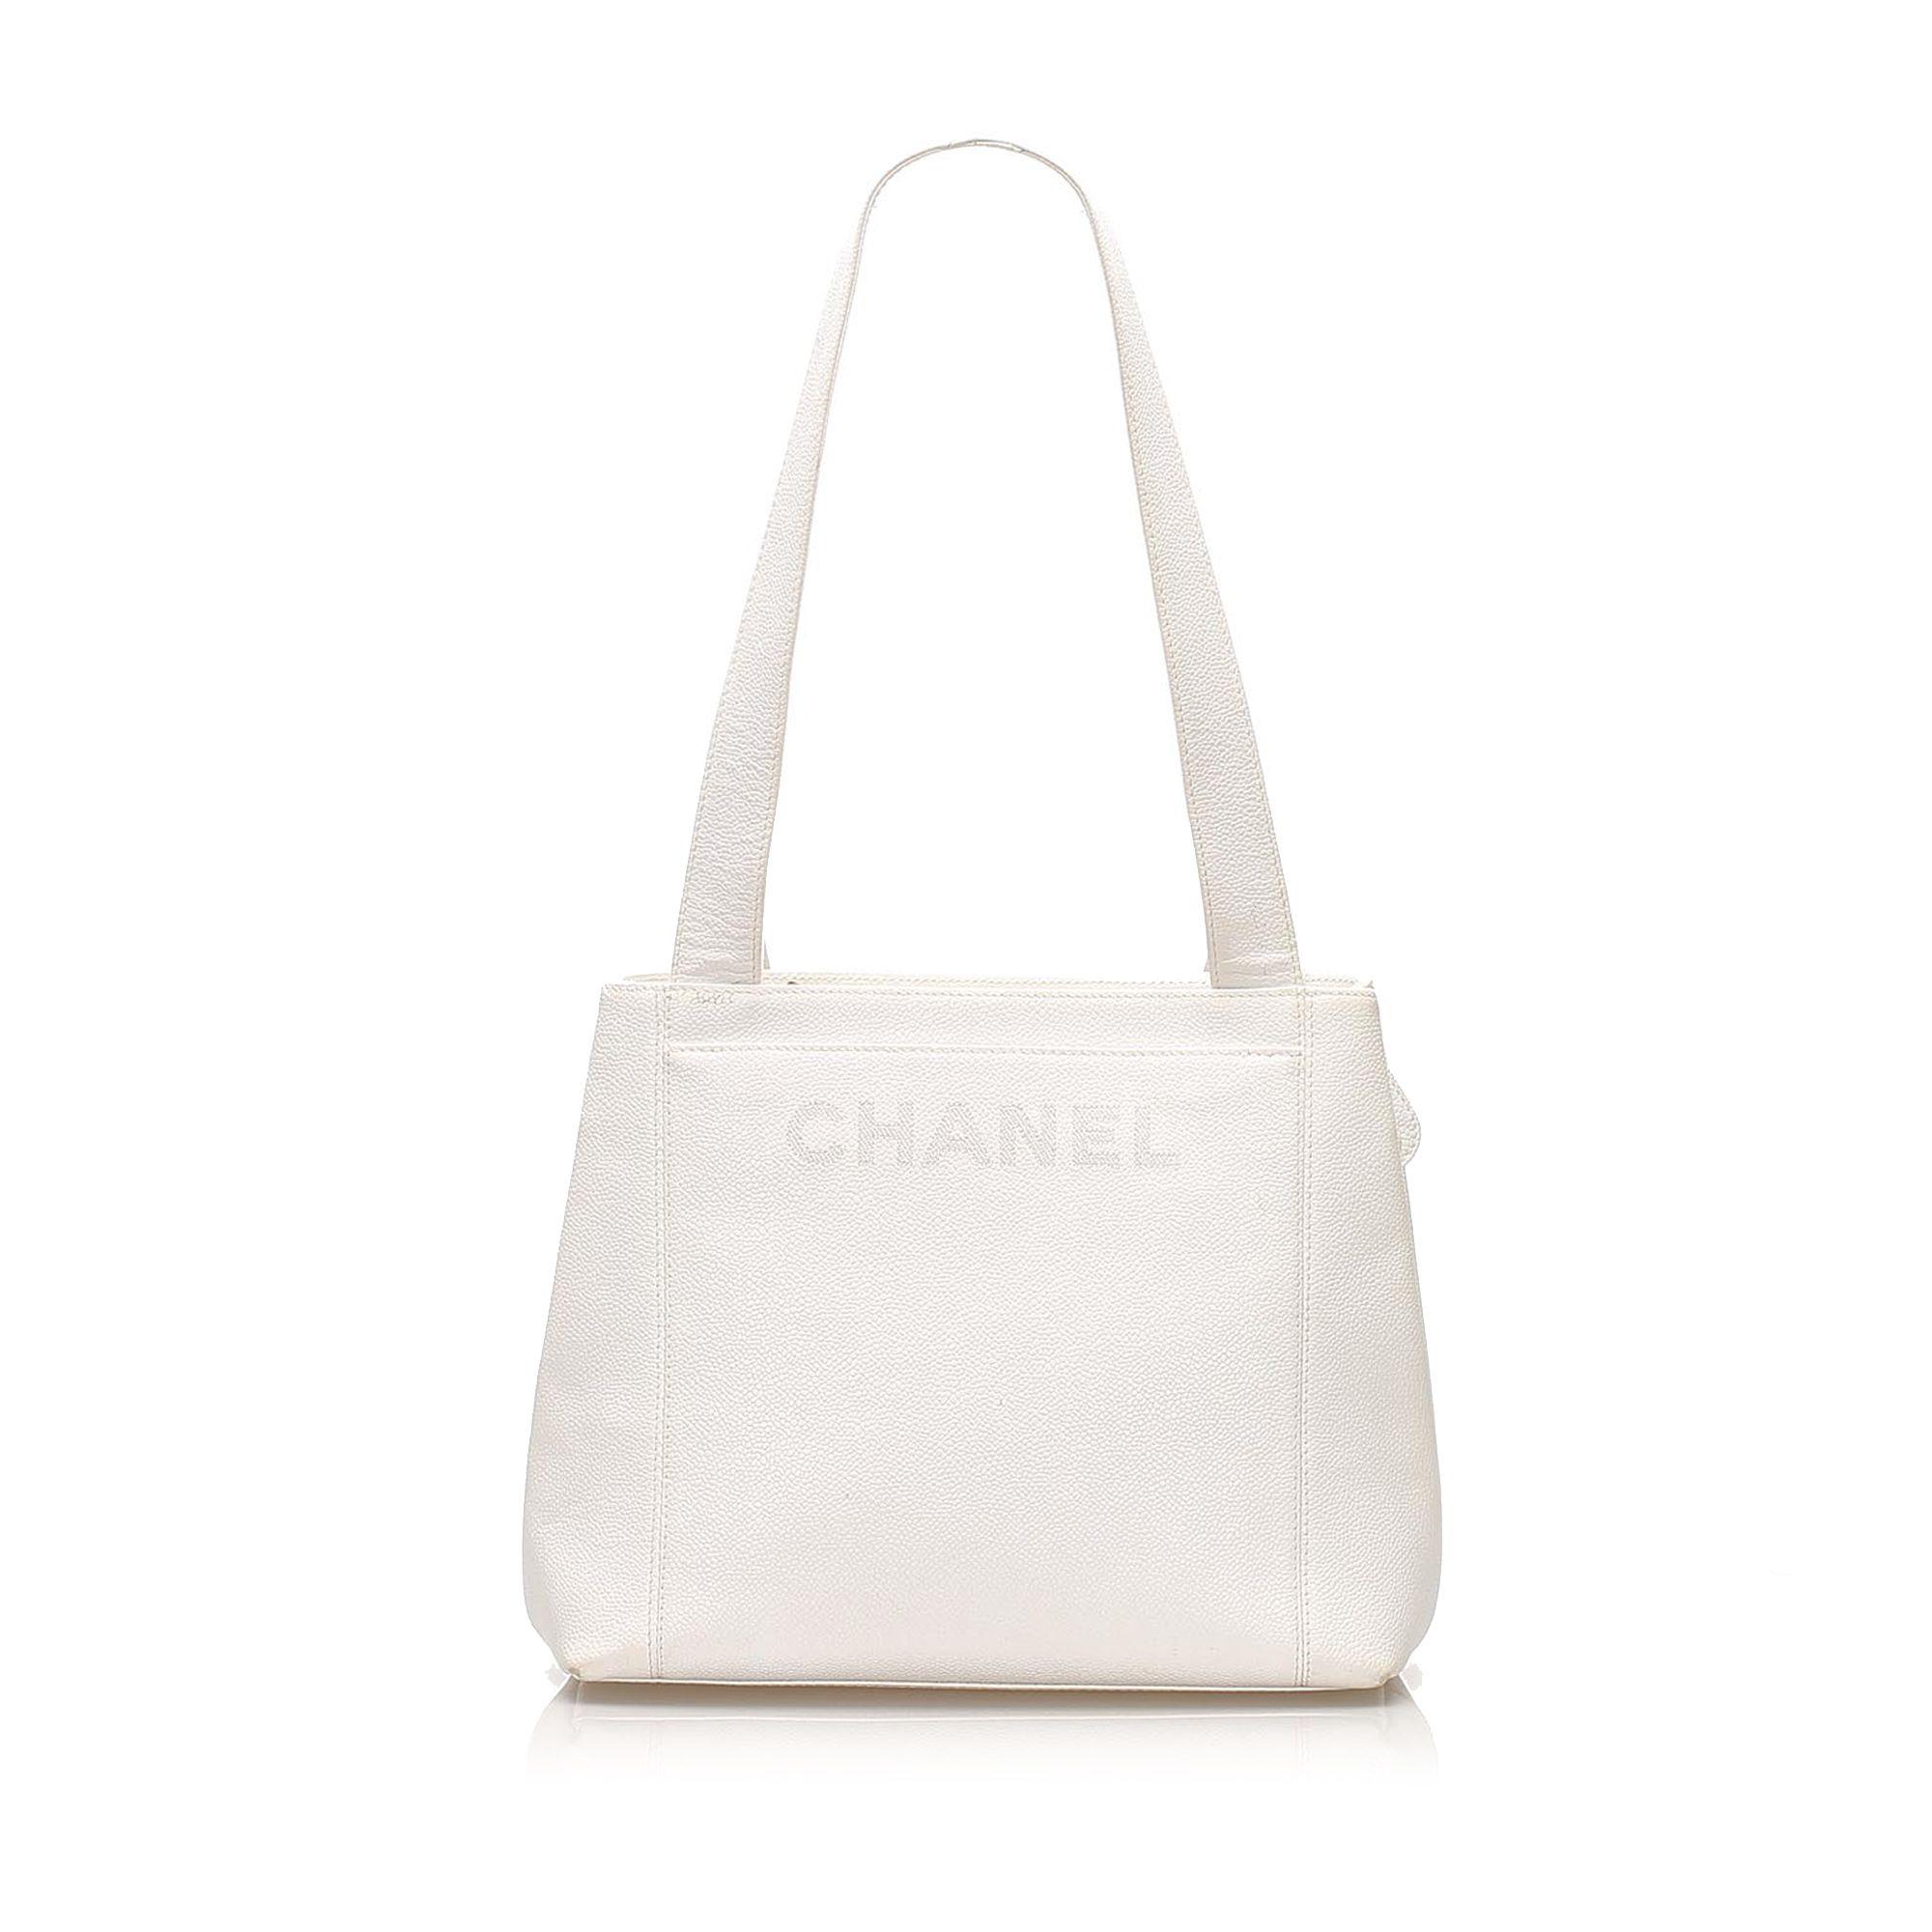 Vintage Chanel Caviar Leather Shoulder Bag White